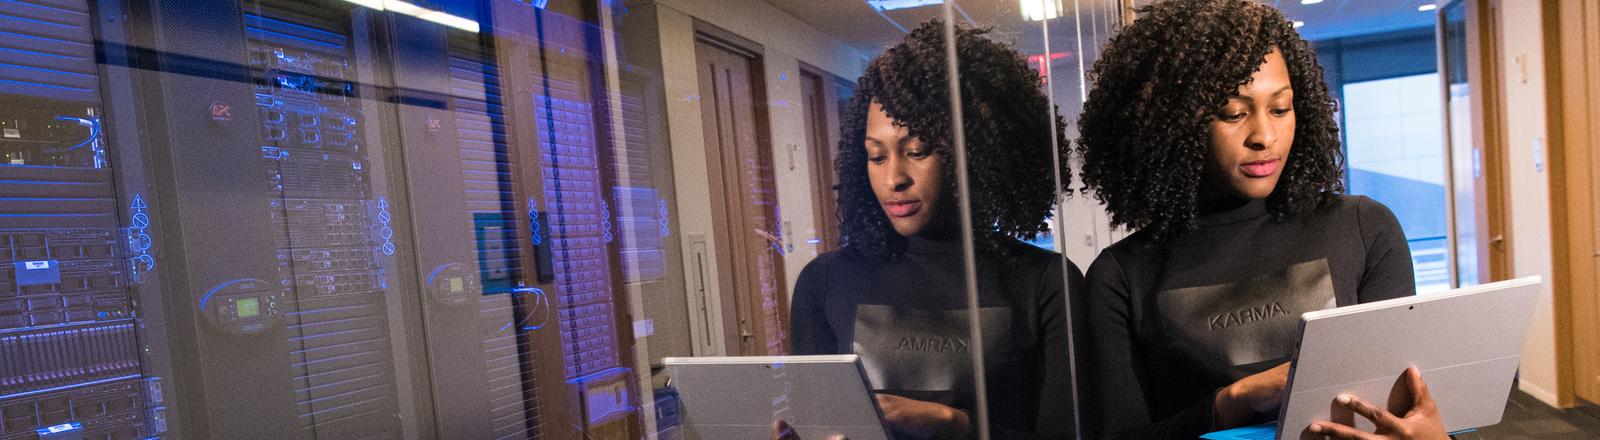 Eine Frau schaut in einem Rechenzentrum auf ihren Laptop.